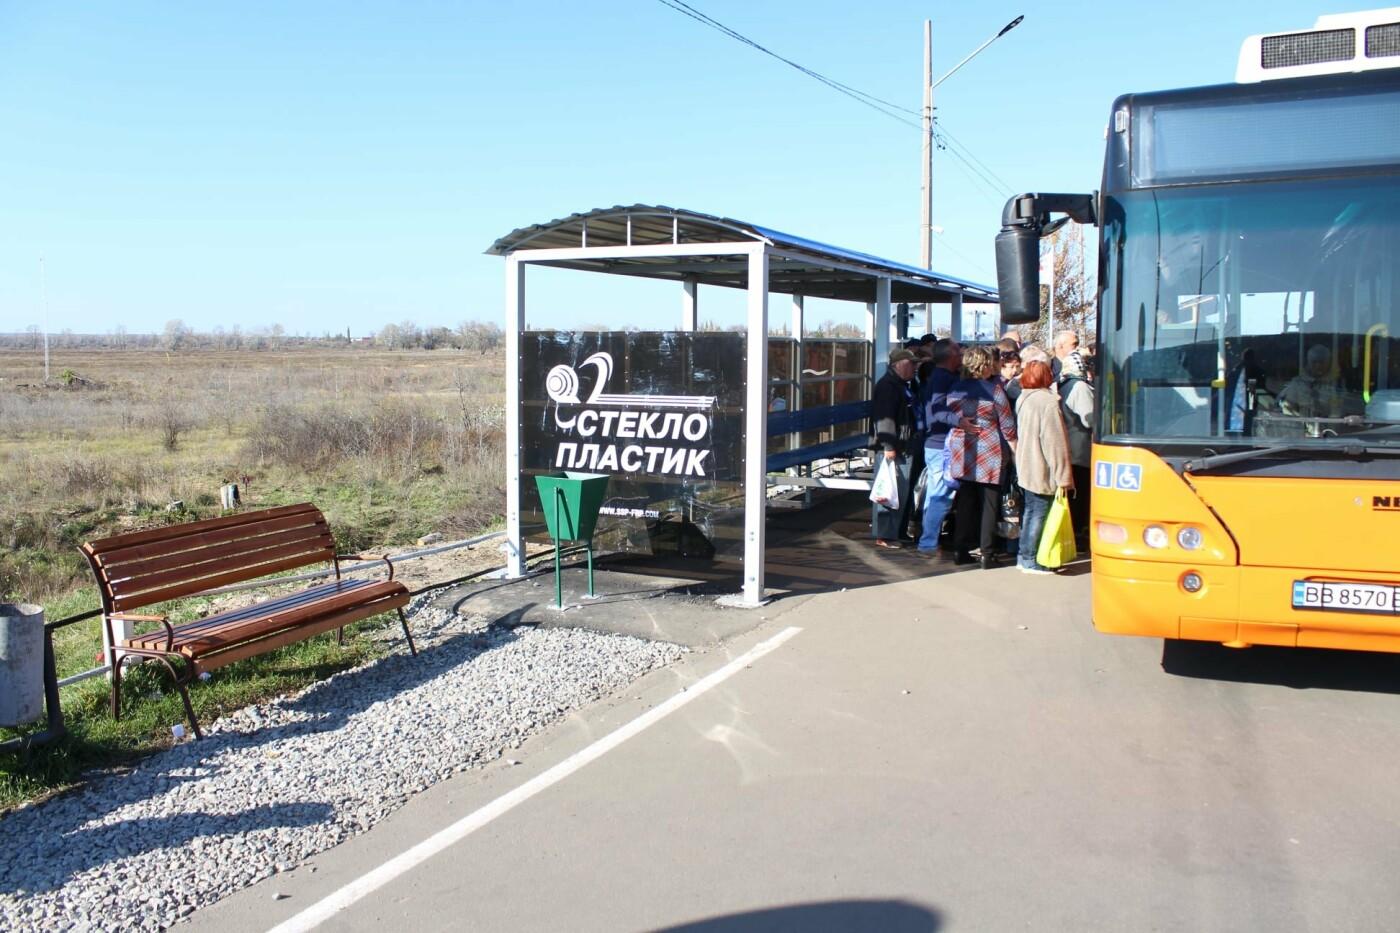 На КПВВ в Станице Луганской запустили еще один бесплатный электрокар, - ФОТО, фото-3